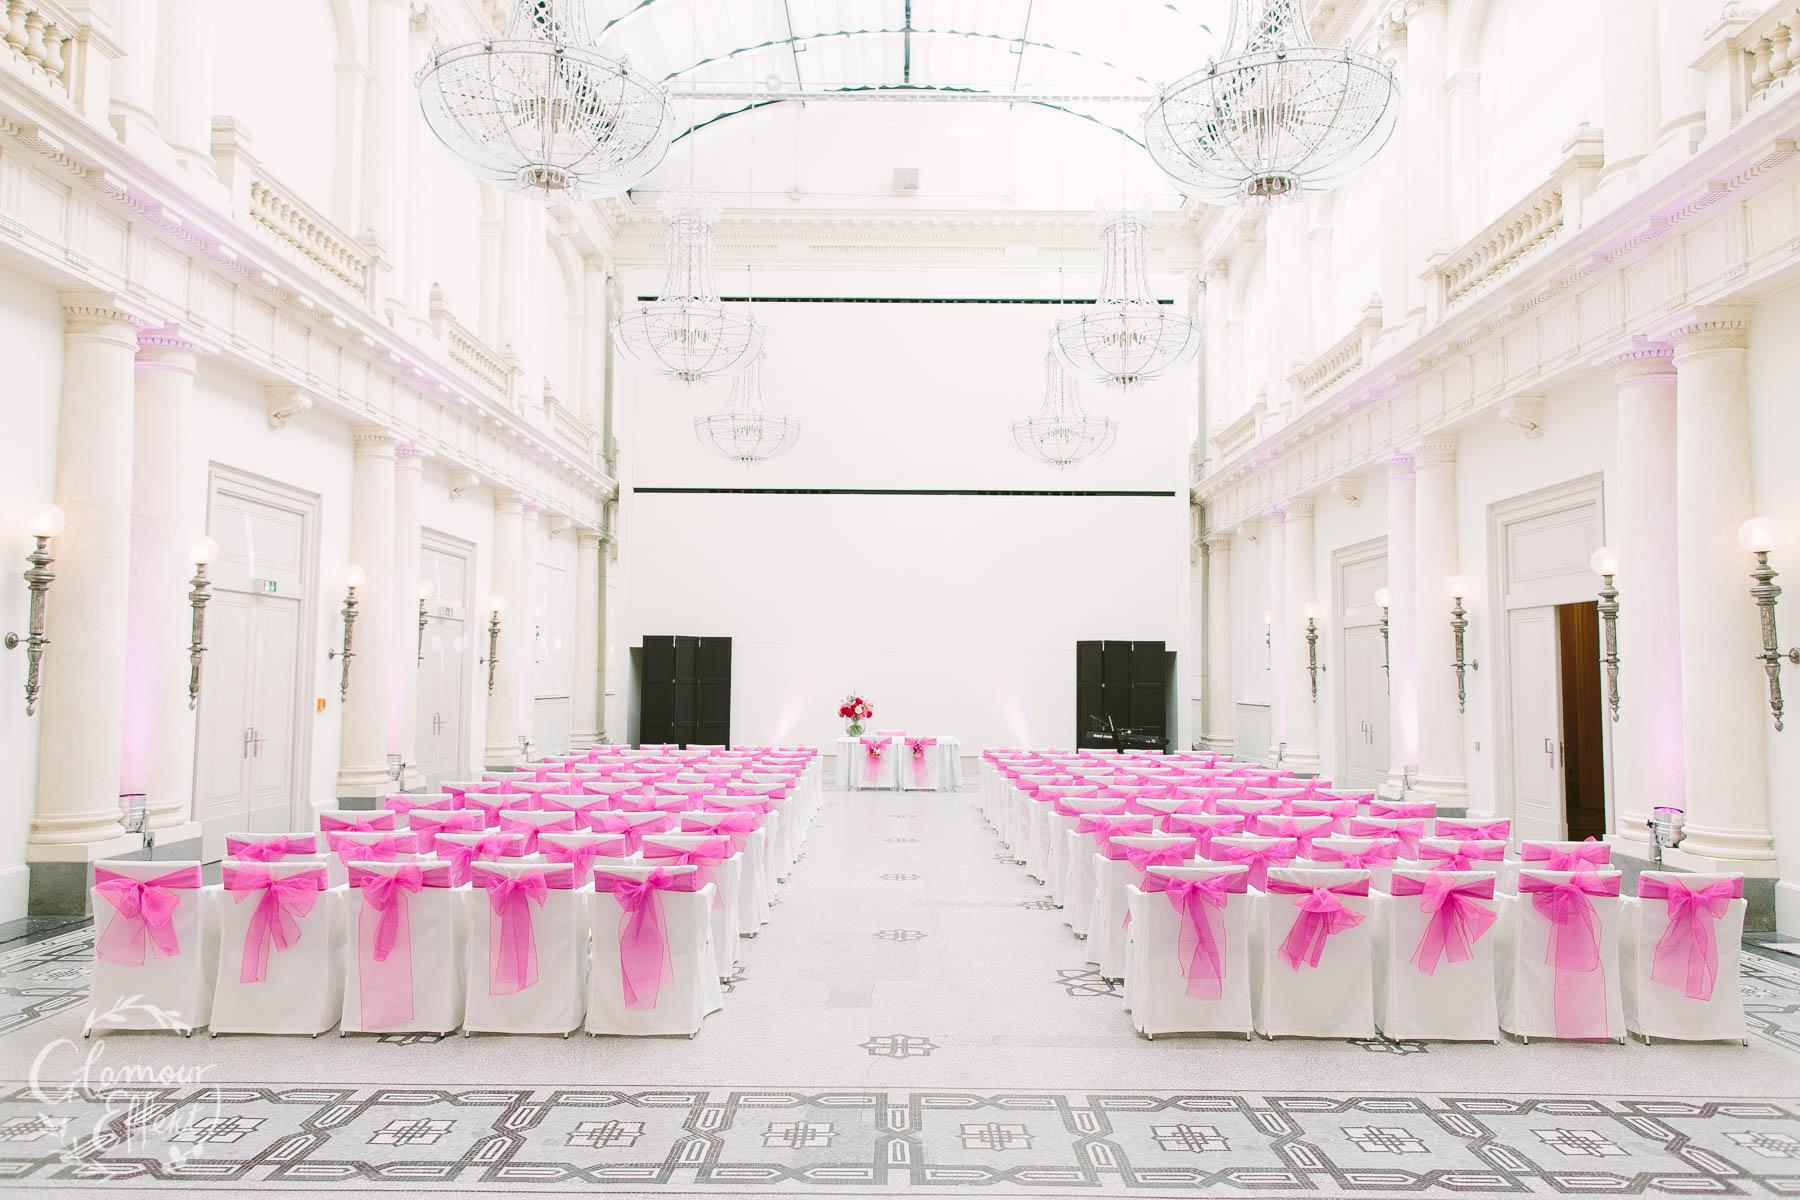 Hotel de Rome - Strandesamtliche Trauung mit über 100 Gästen in Berlin (große Anzahl)